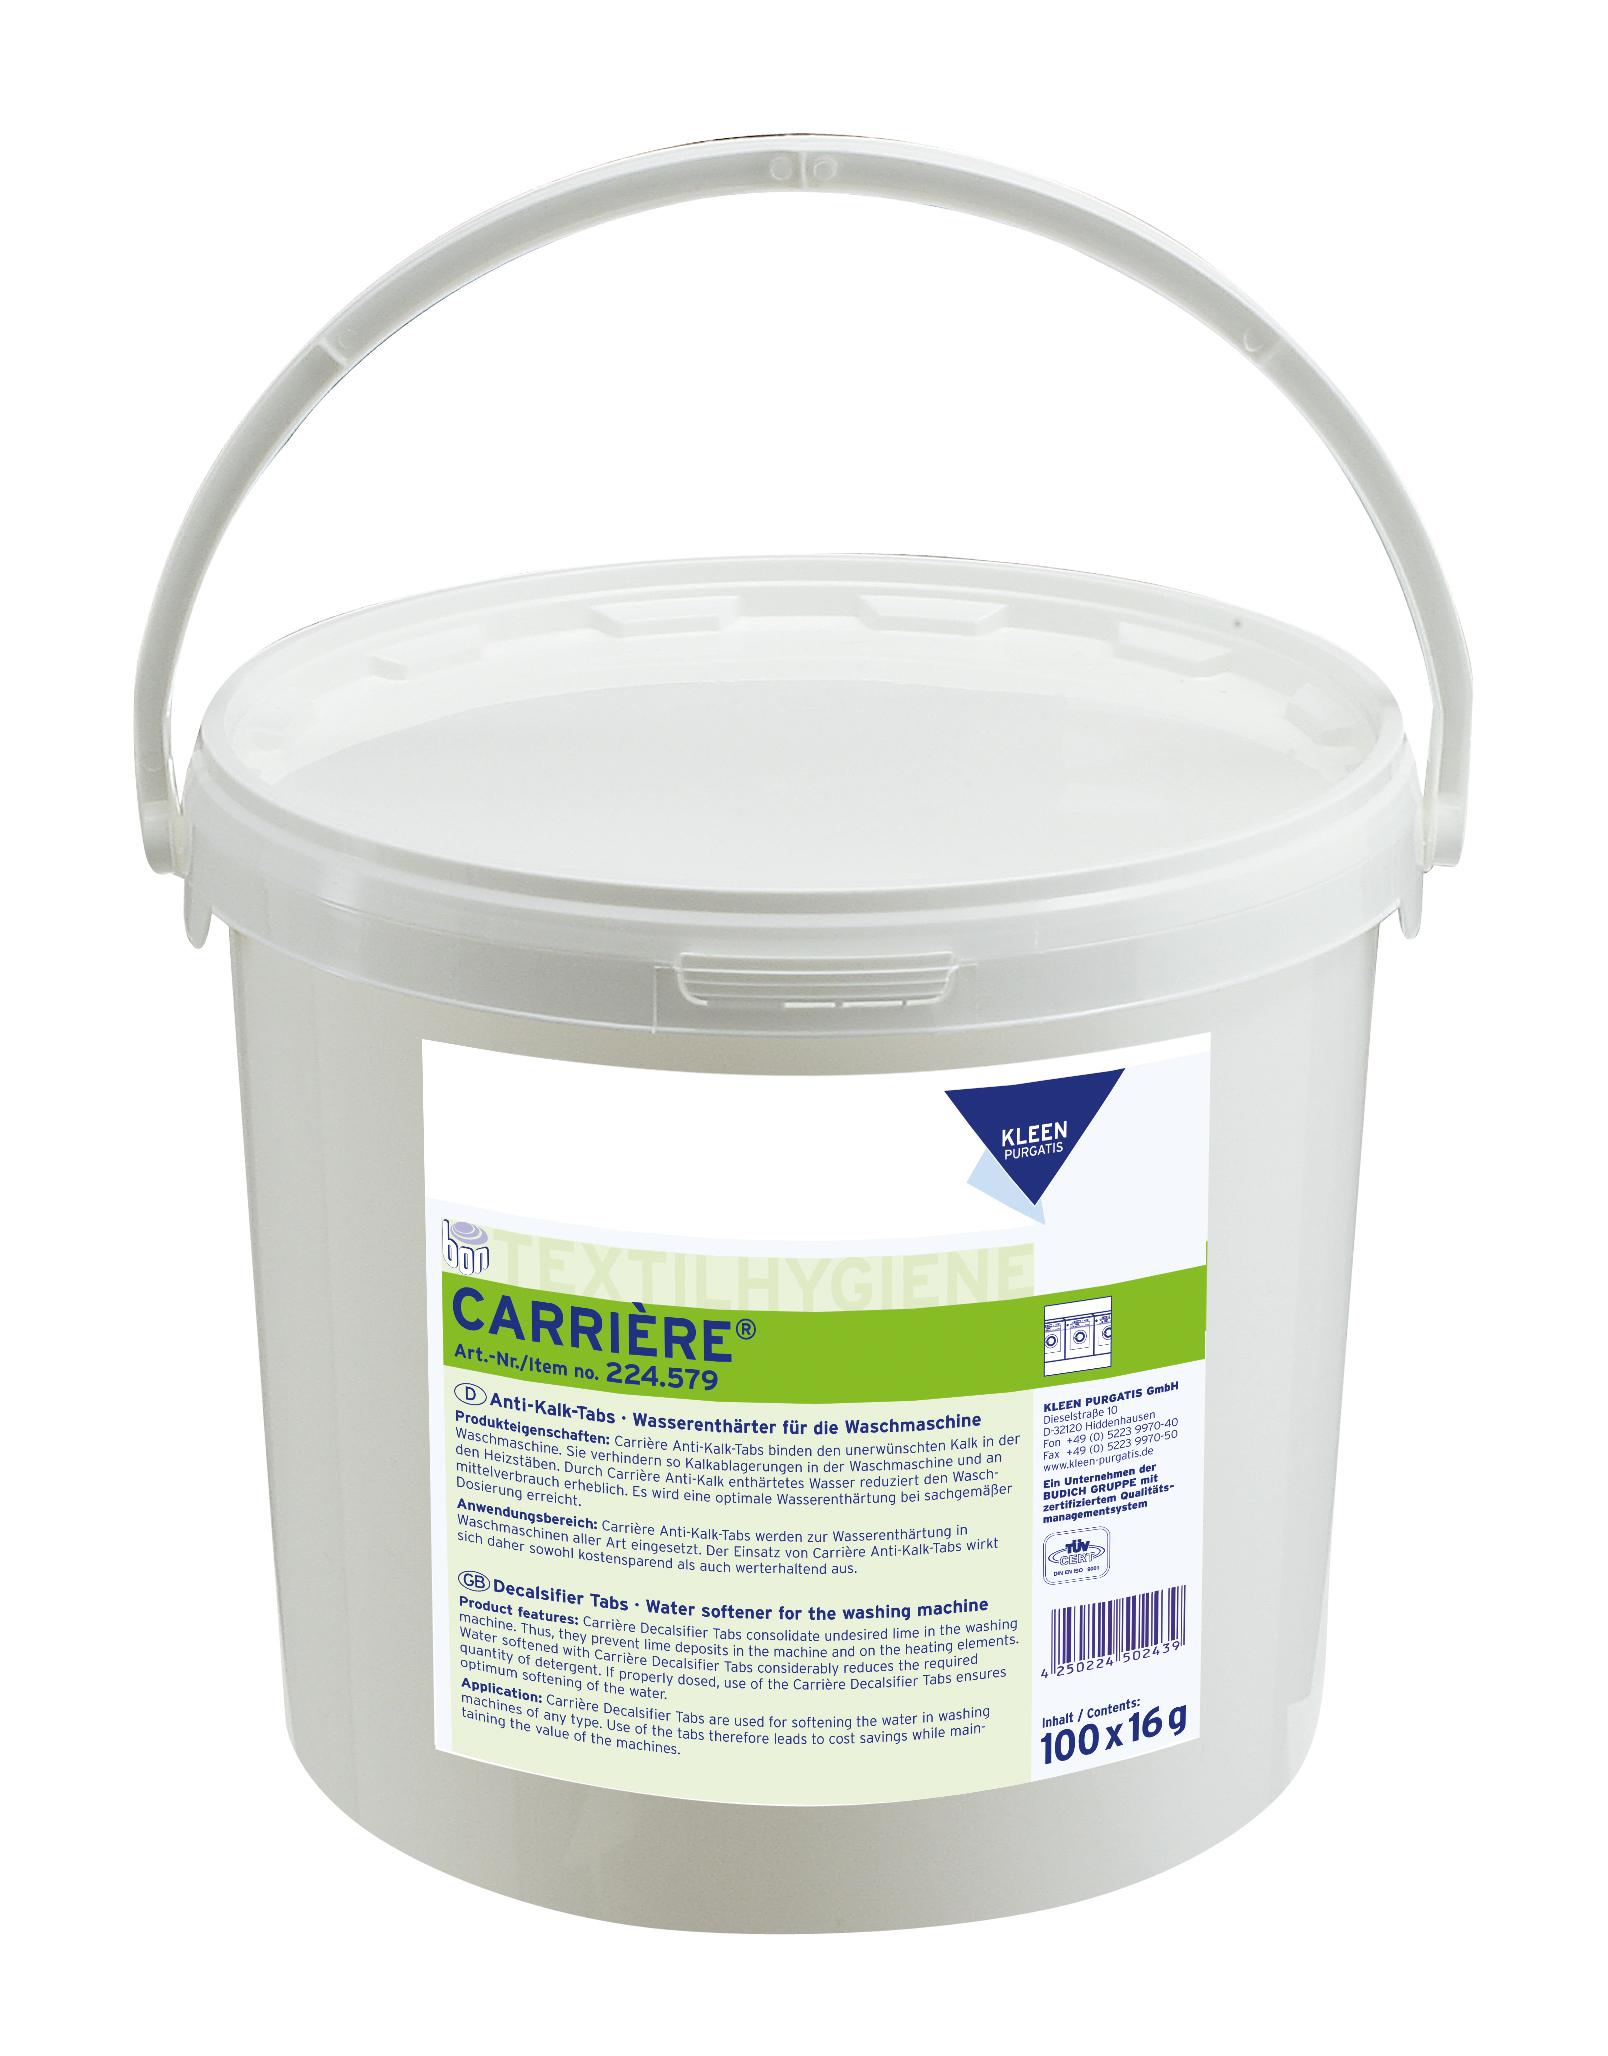 Carrière Anti Kalk Tabs für die Waschmaschine, 100 Stück/Eimer, 100 x 16 g